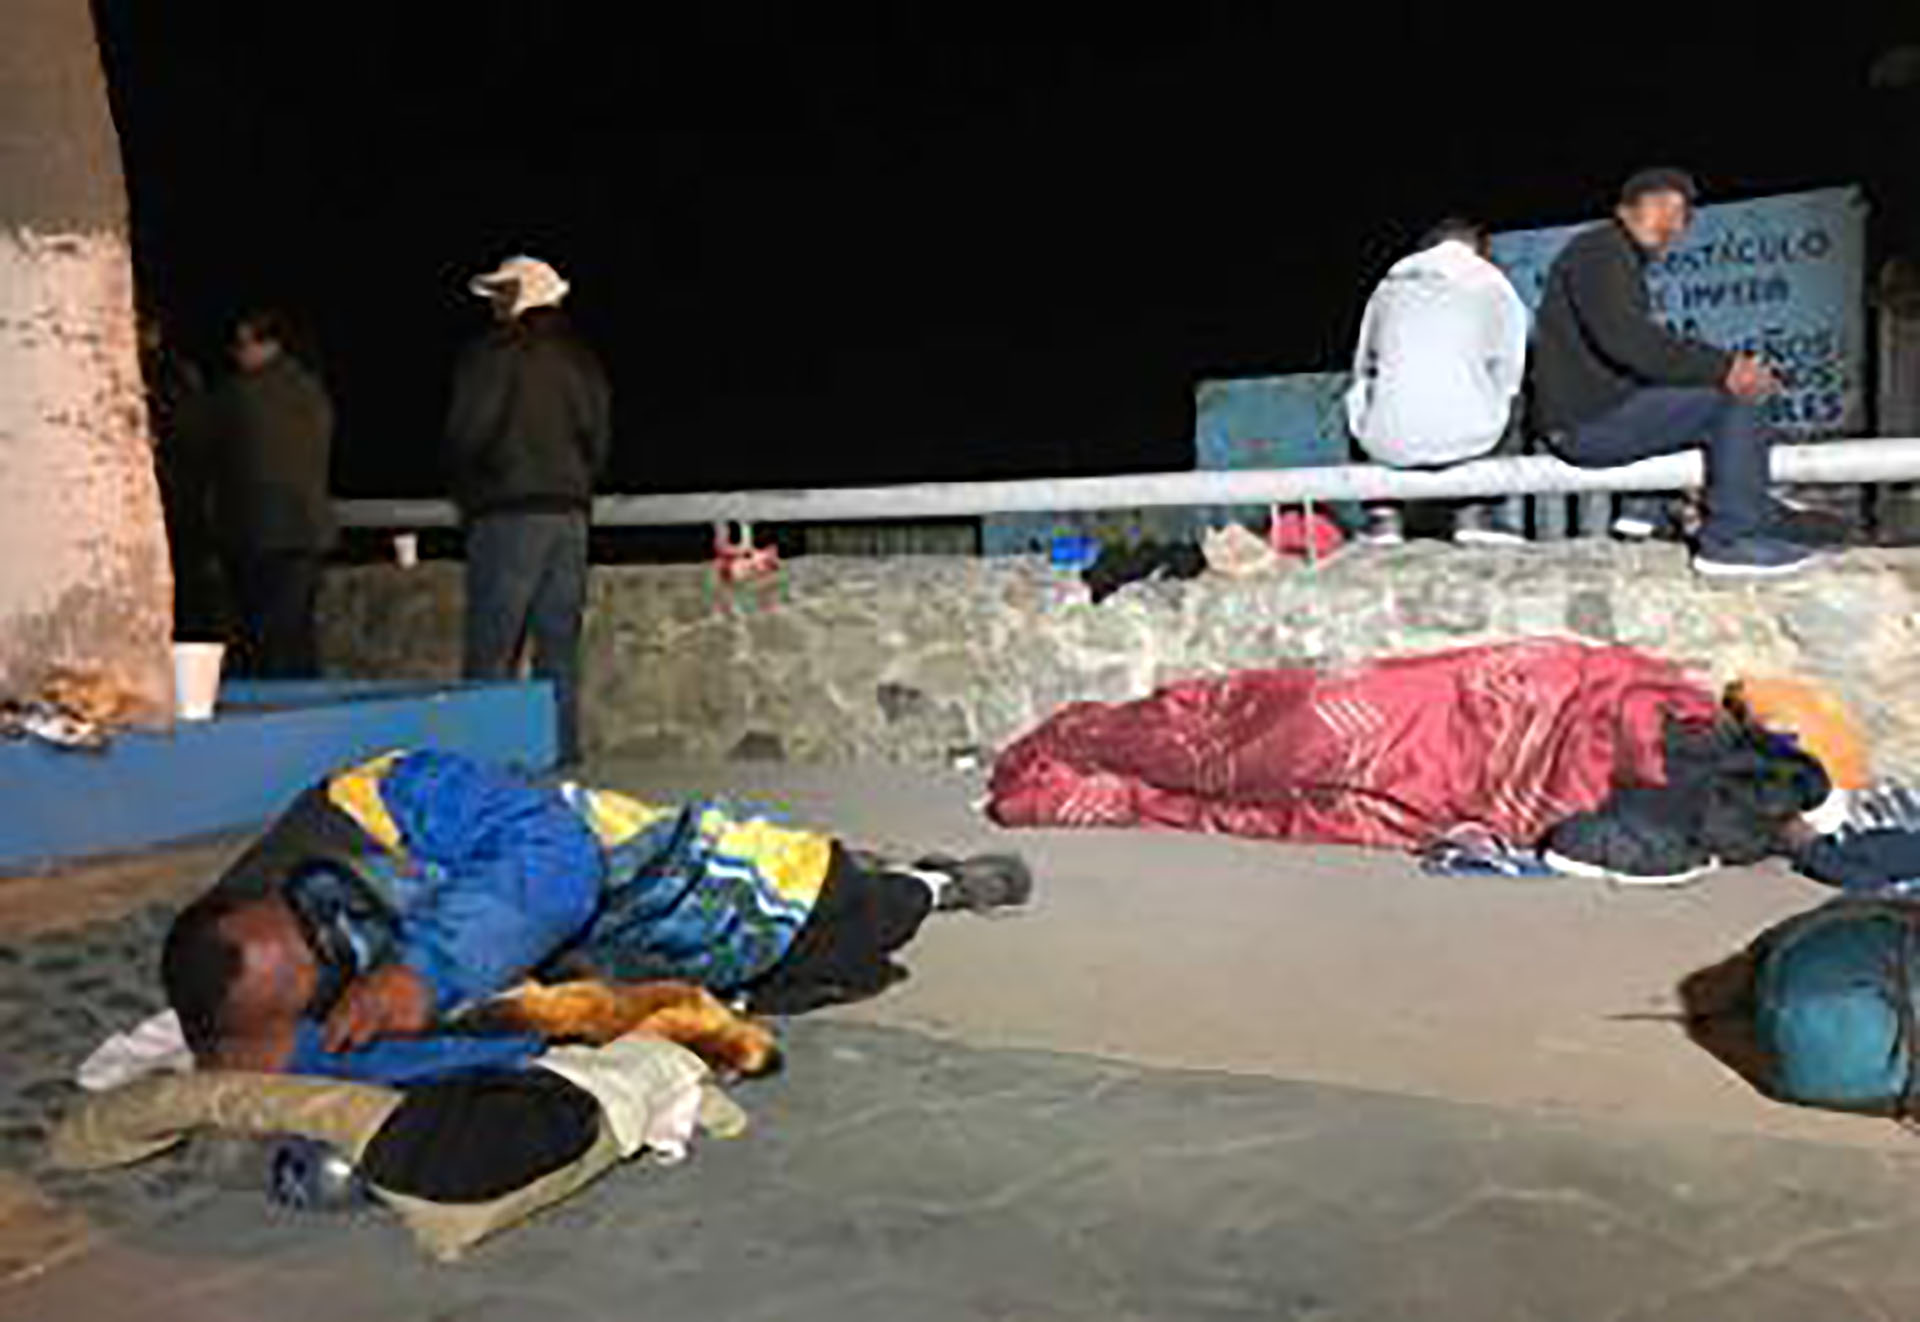 Organizaciones de defensa de los migrantessospechan que más que un problema de capacidad, EEUU pretende con esta política retrasar la inmigración ilegal (Foto: @fronterainfo)